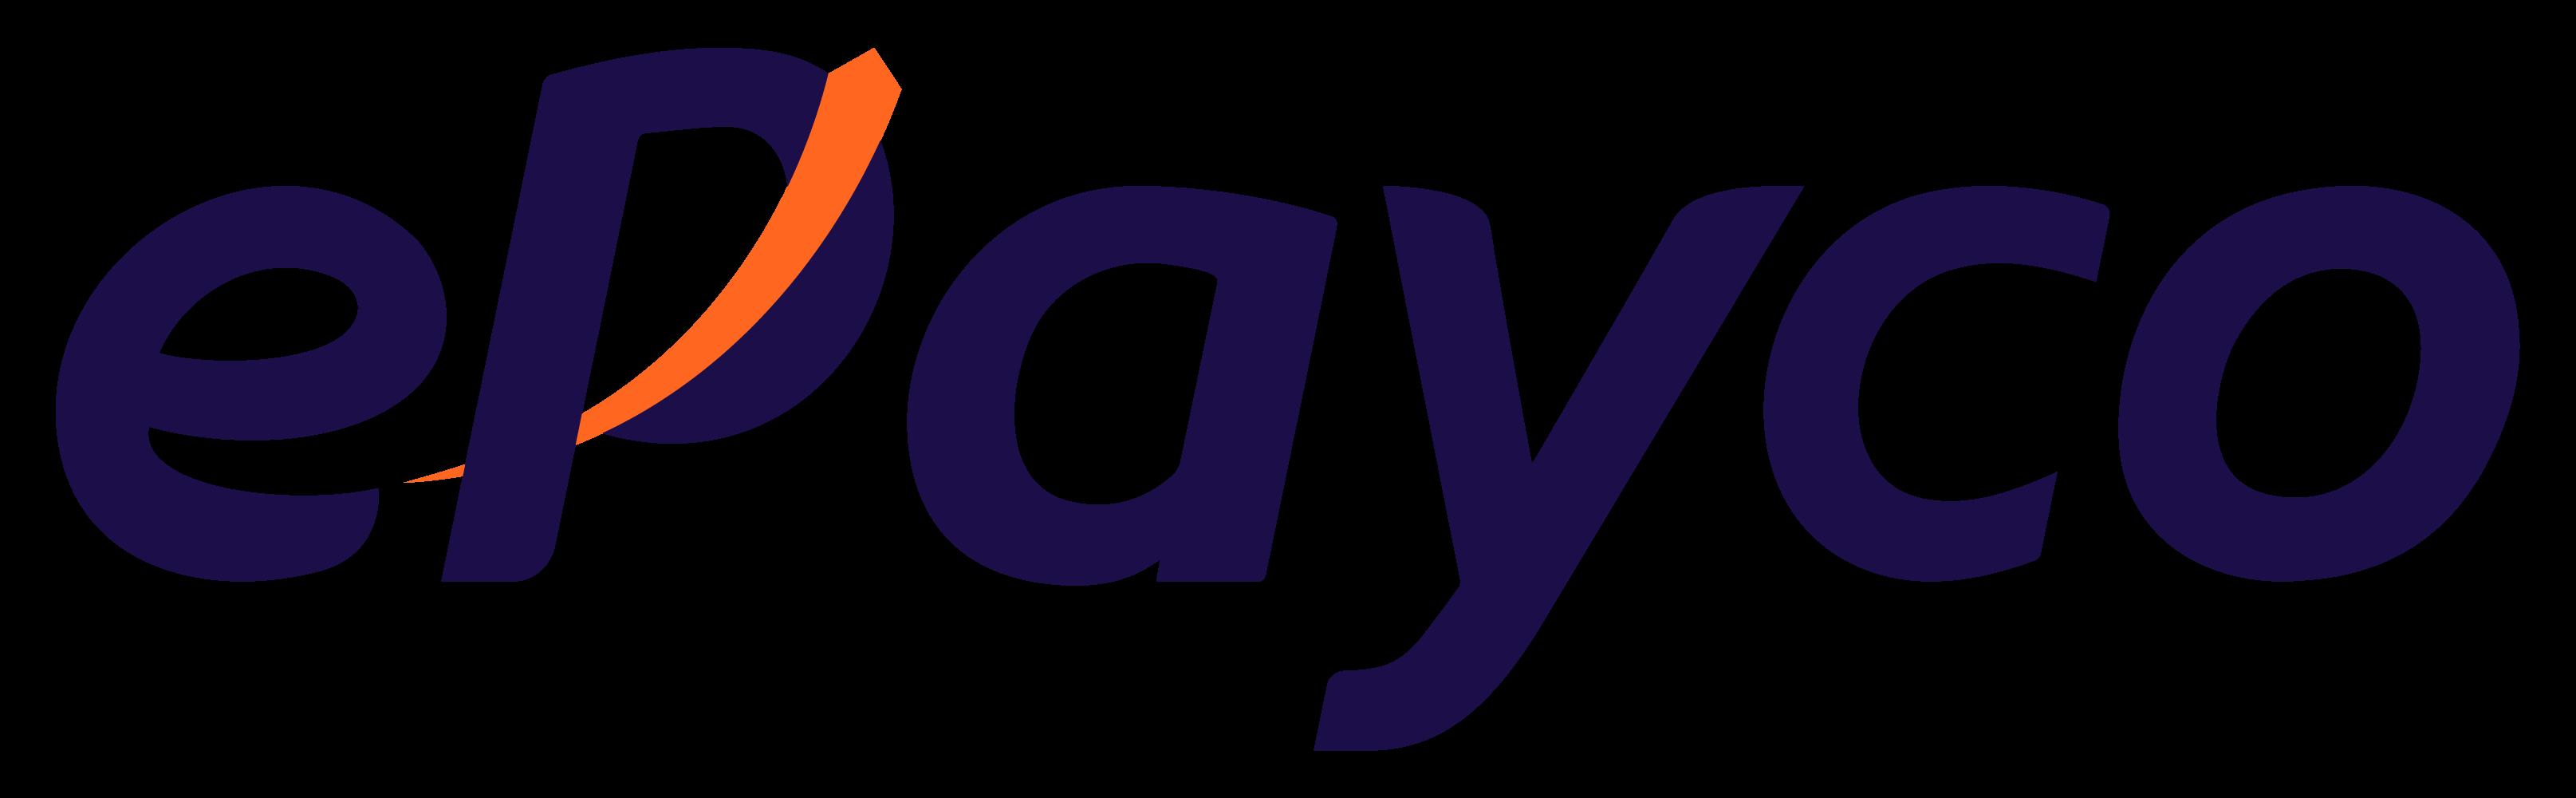 logo epayco